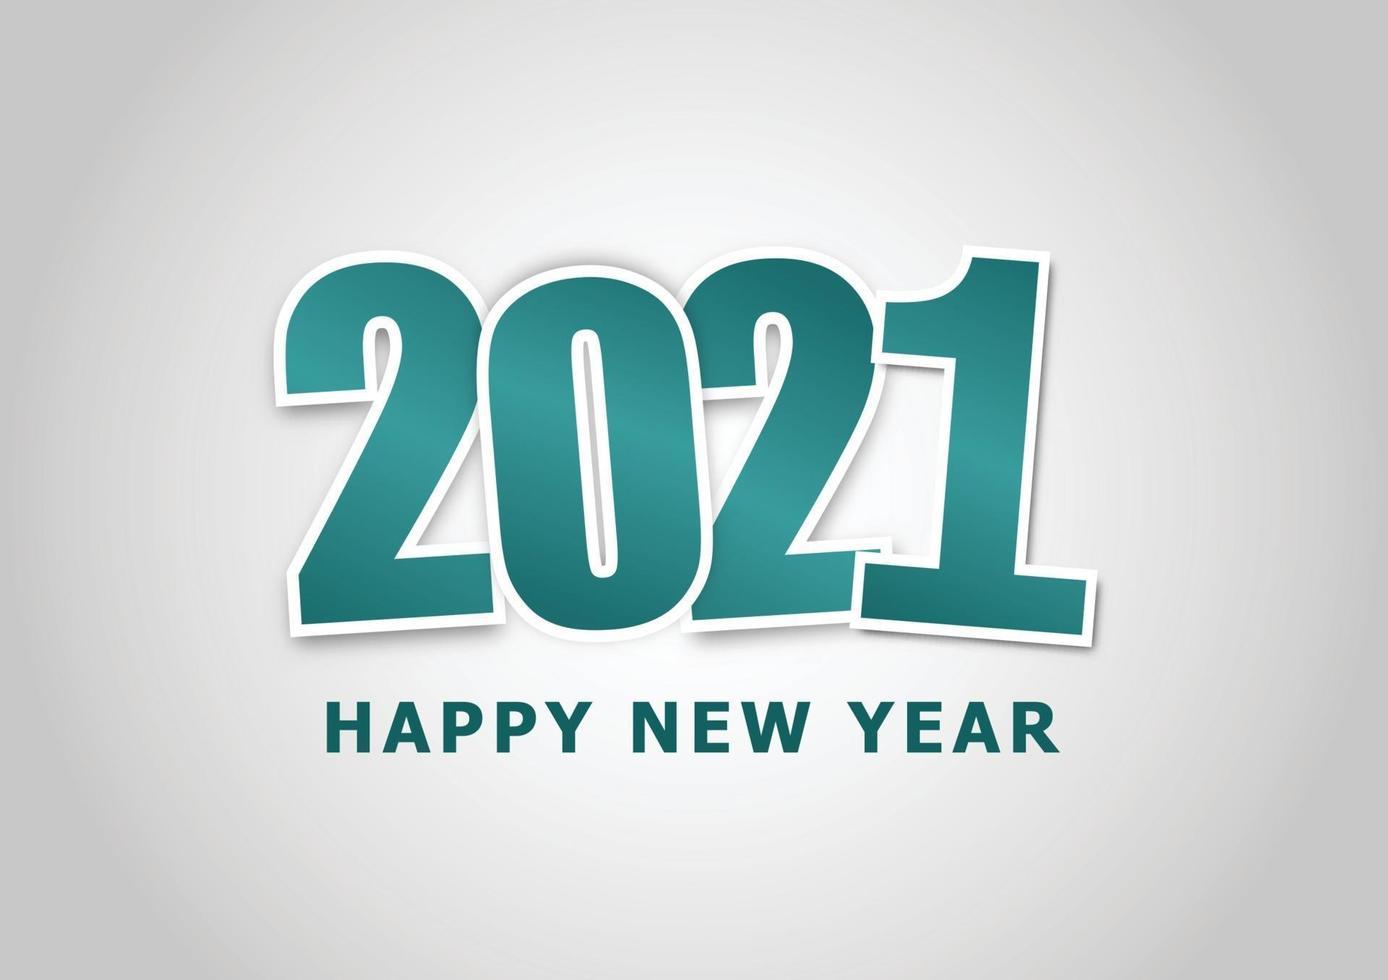 feliz ano novo 2021 com tema verde vetor